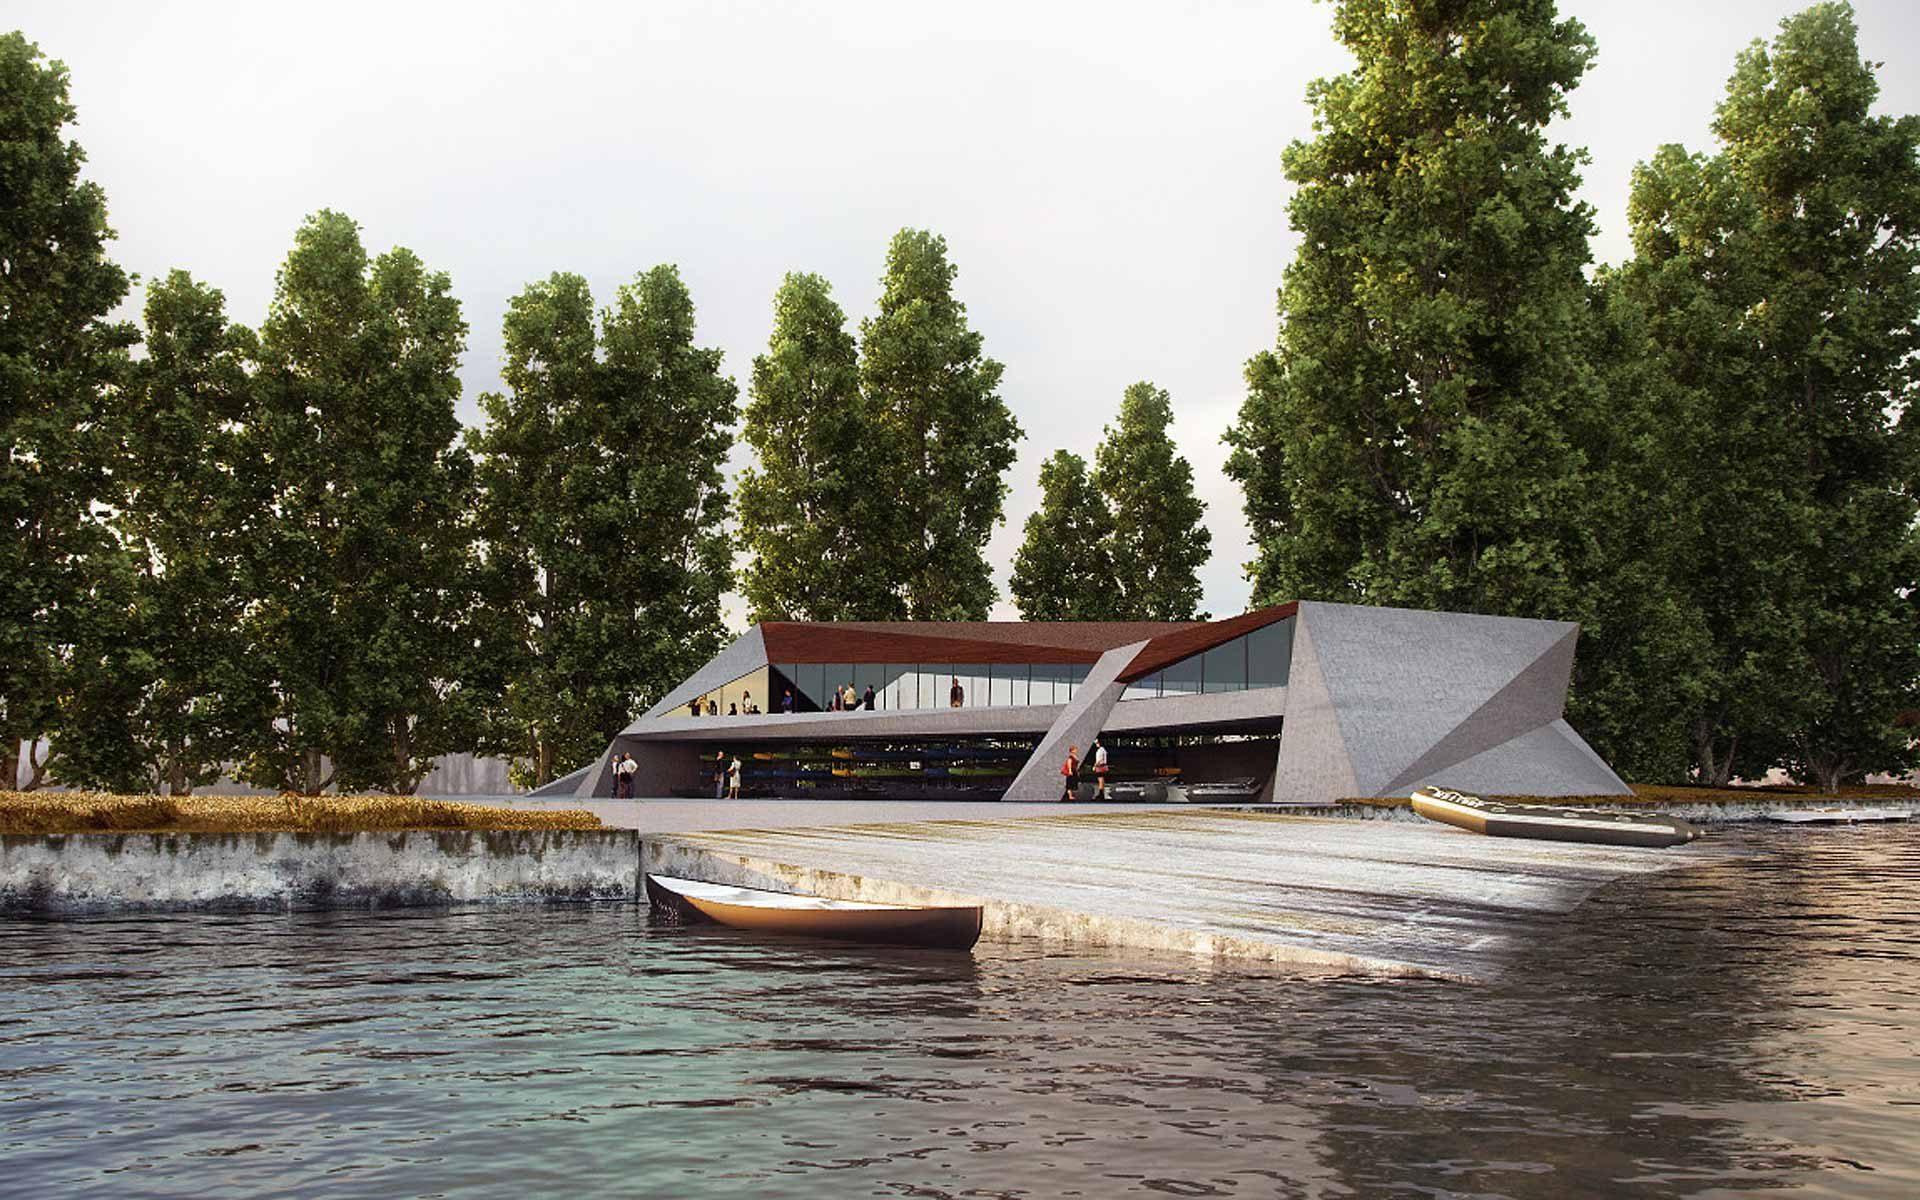 Premio concurso arquitectura, escorzo club náutico desde el río edificio un edificio de prismas de hormigón visto y techo de madera